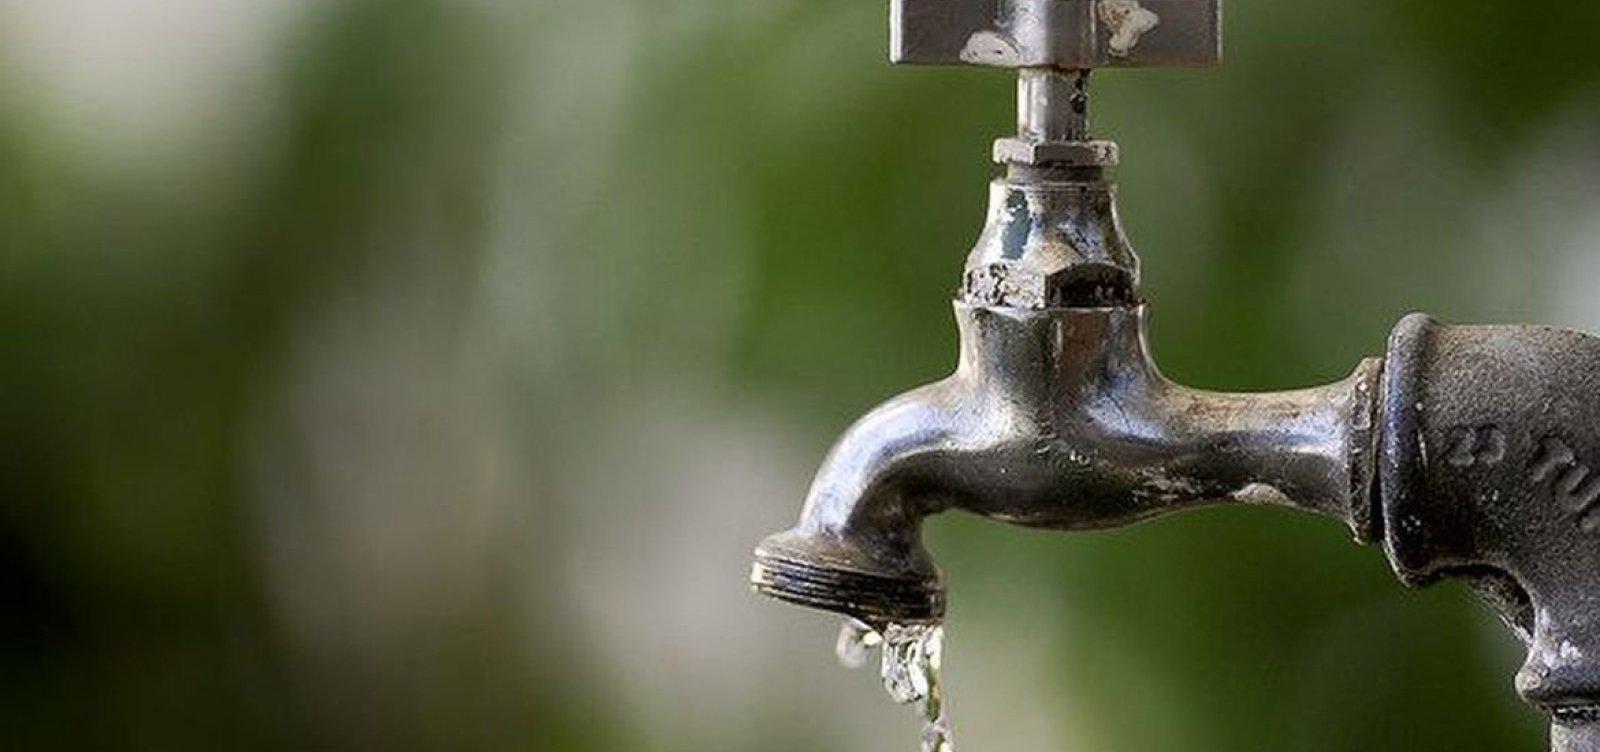 Bairros de Camaçari têm fornecimento de água suspenso nesta quarta; saiba mais